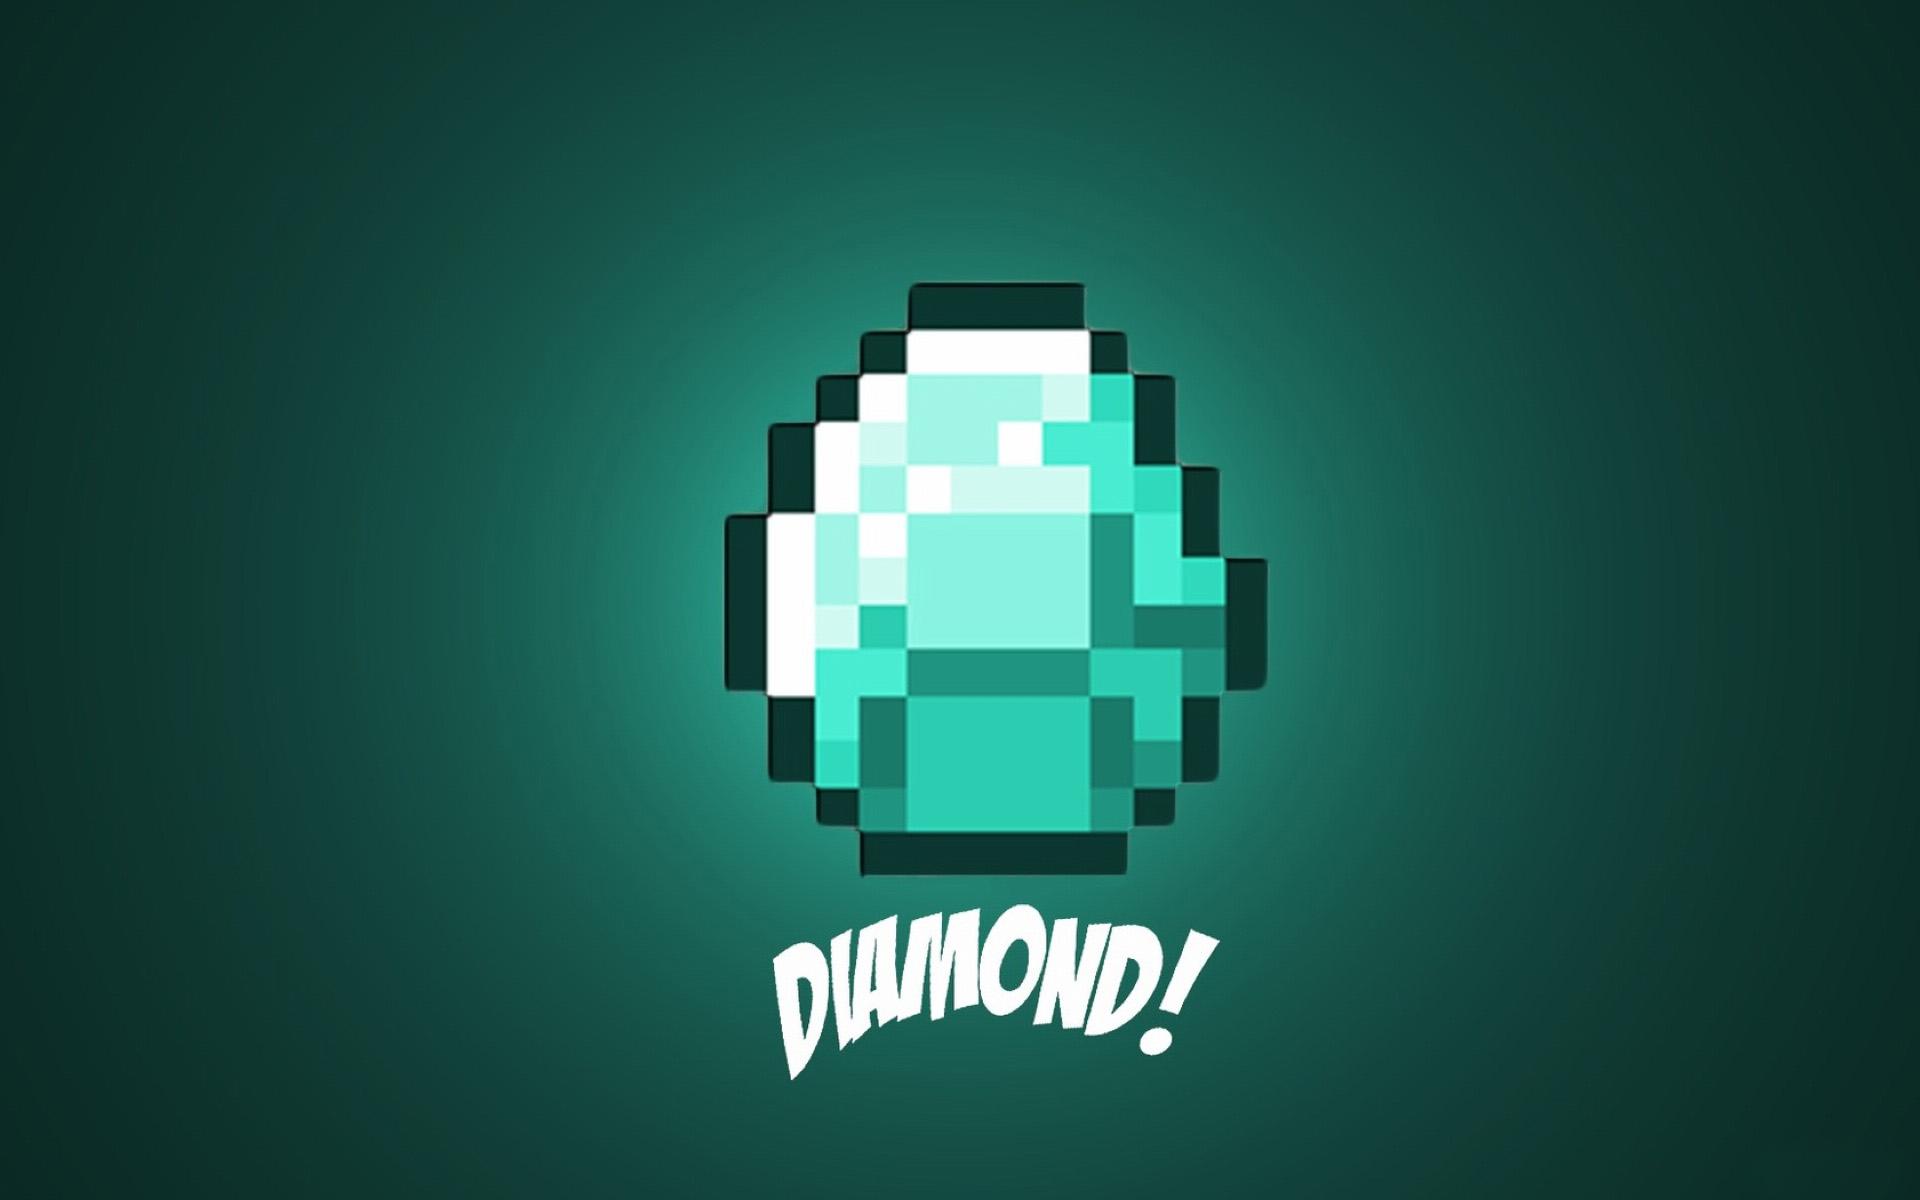 minecraft钻石头像 - QQ头像大全